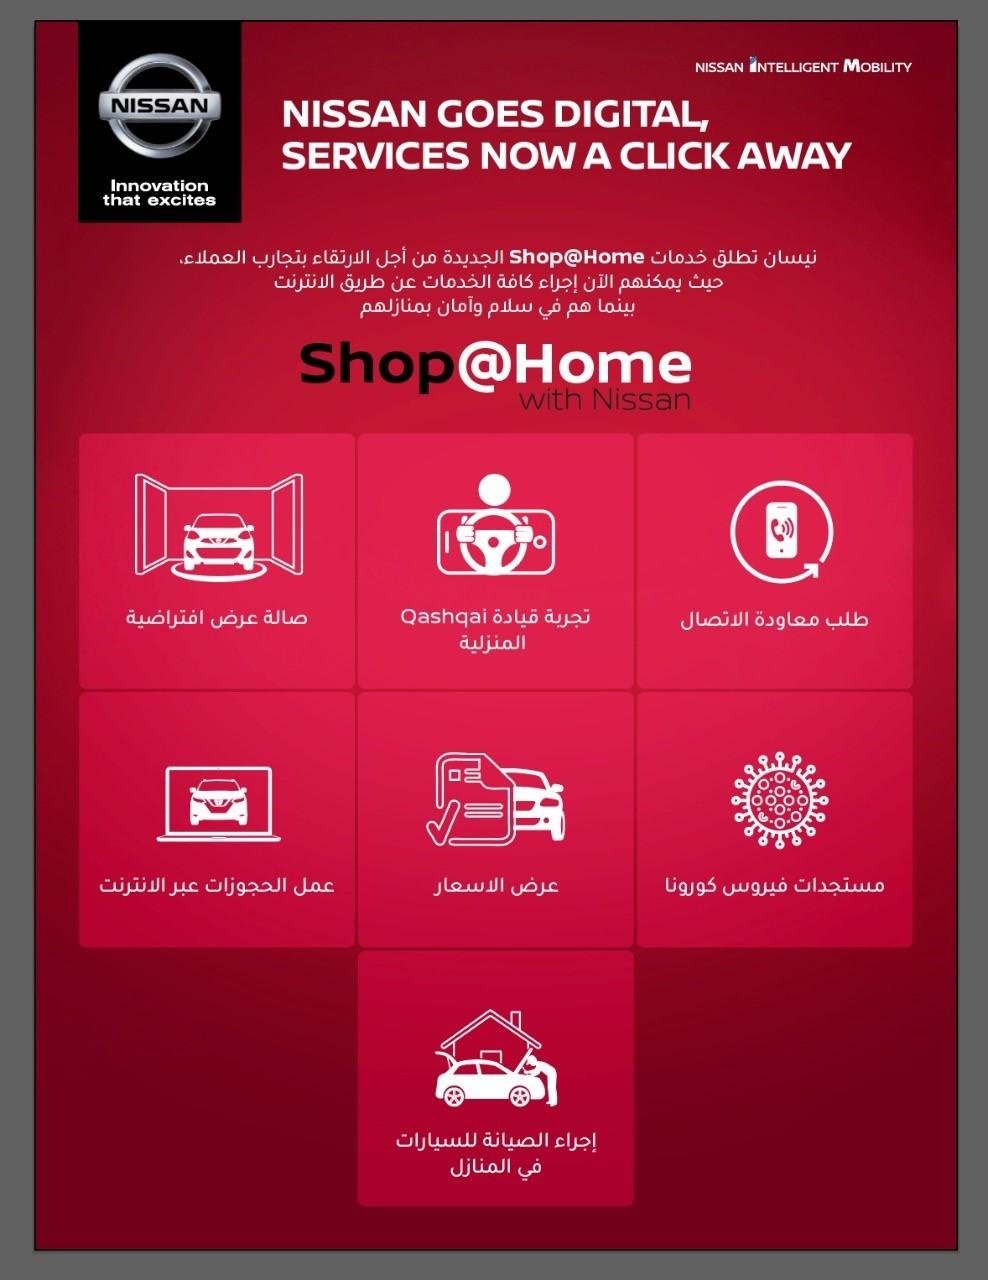 «نيسان» تطلق خدمات «Shop@Home » الجديدة للتسوق من عبر الانترنت - أموال الغد